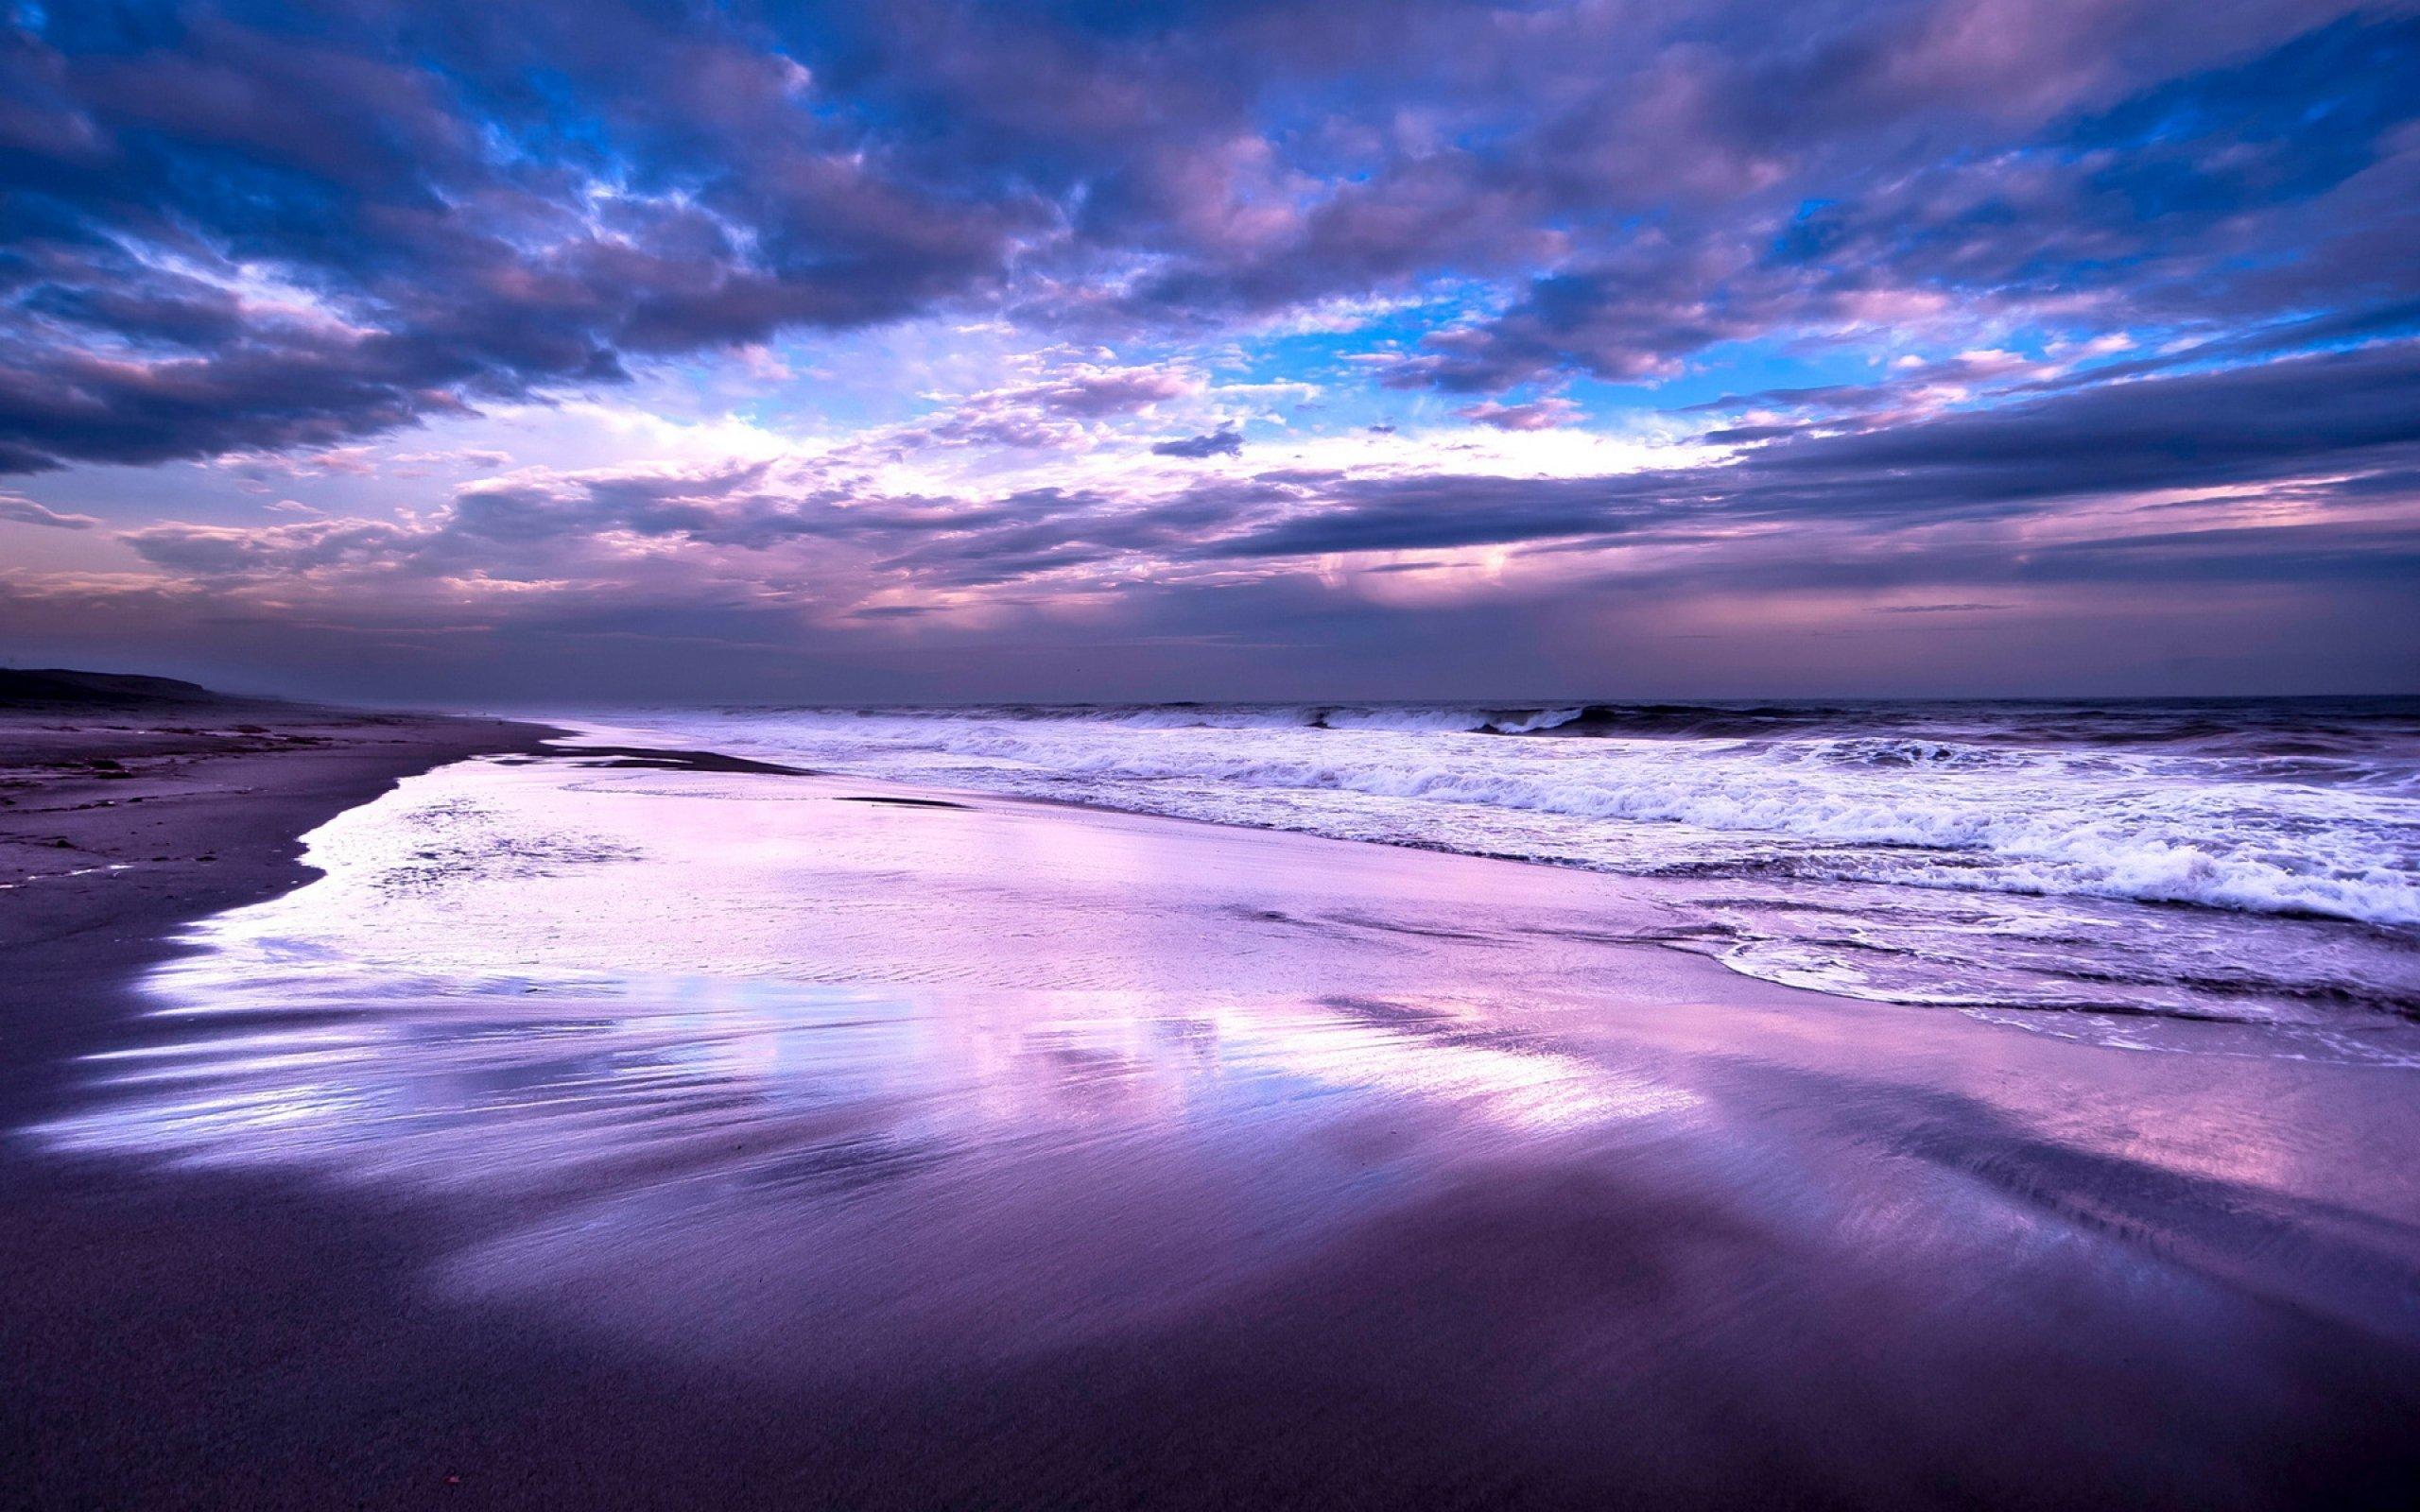 download wallpapers purple ocean - photo #6